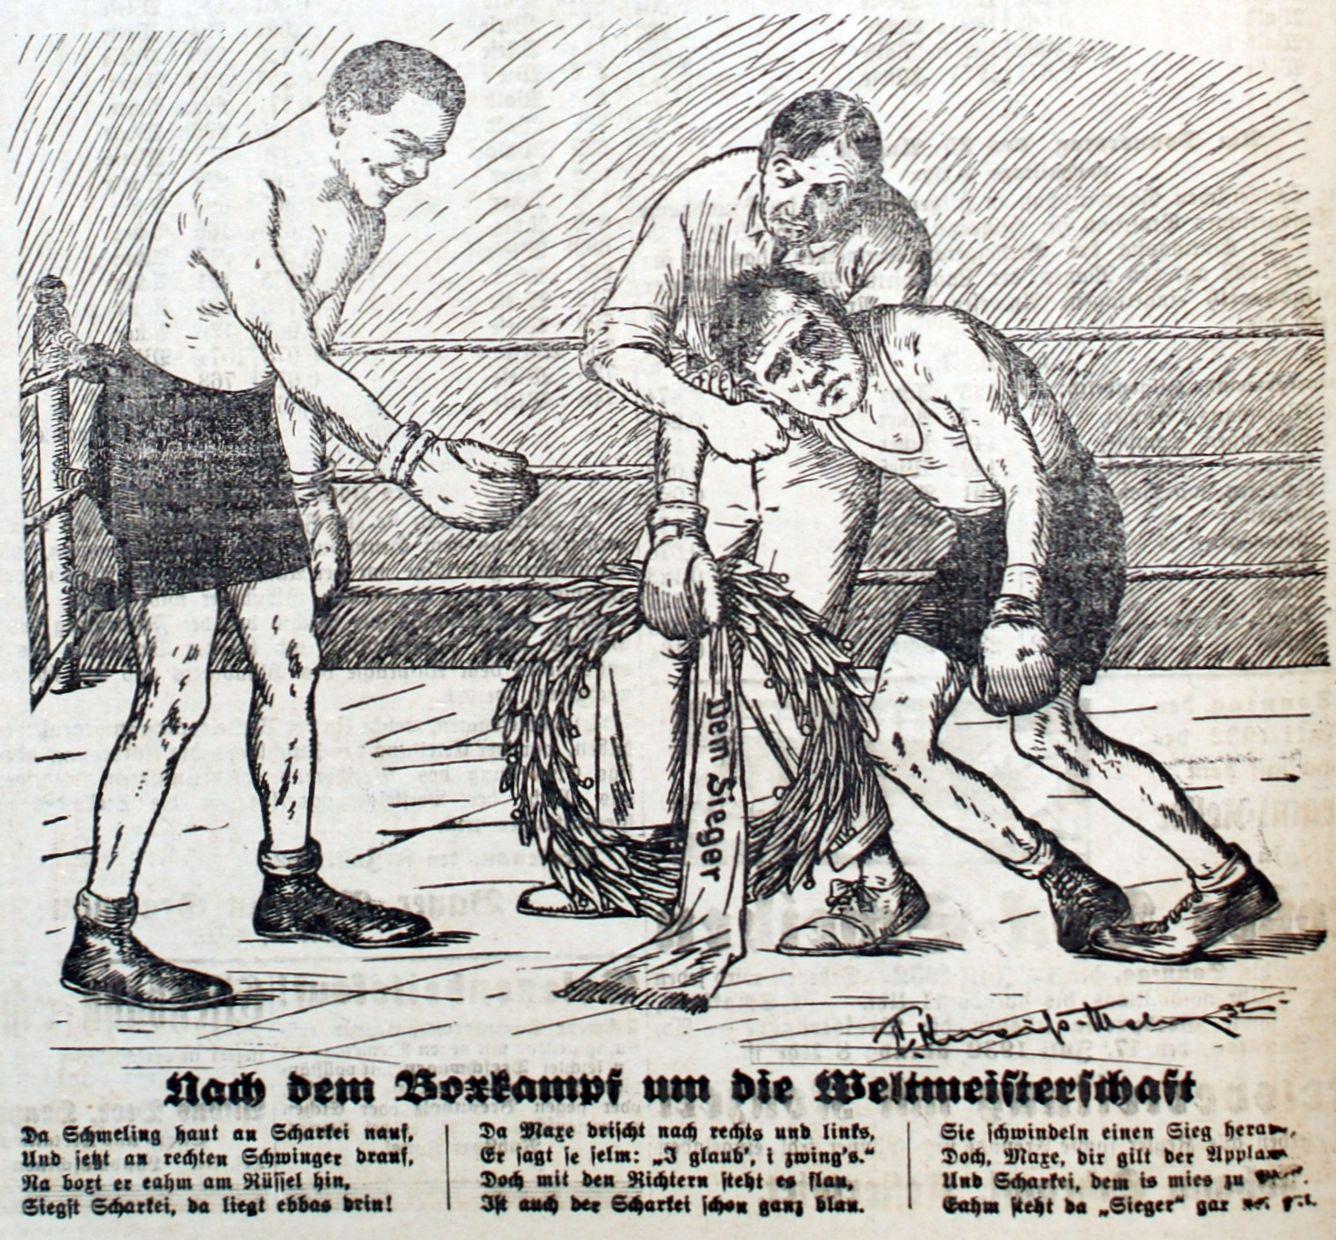 Bild: Max Schmeling verlor am 31. 6.1932 den Rückkampf gegen Sharkey nach Punkten